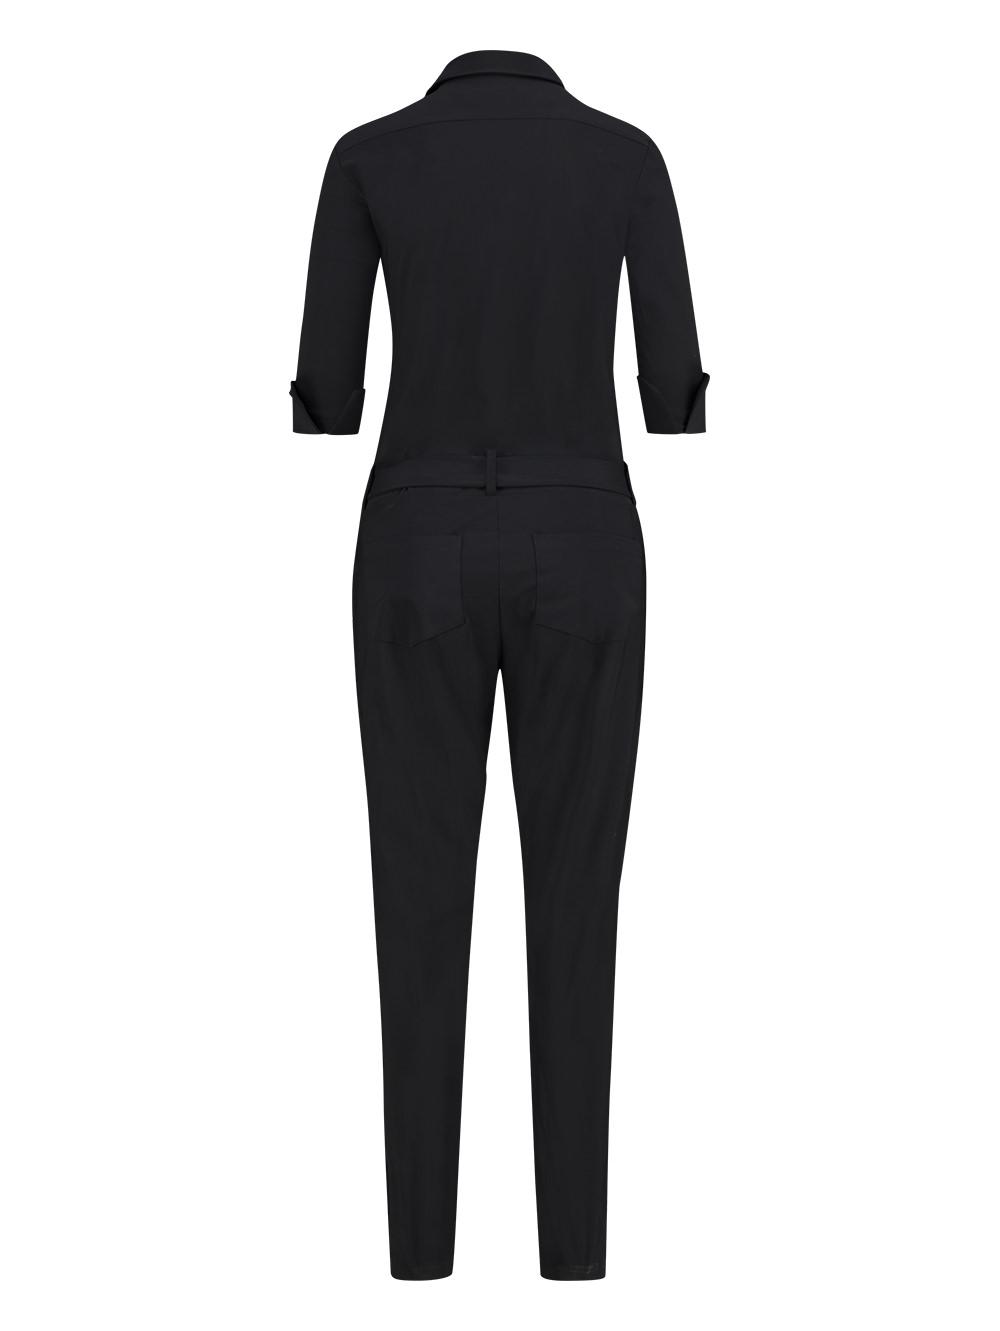 Angelique jumpsuit 3/4 - black